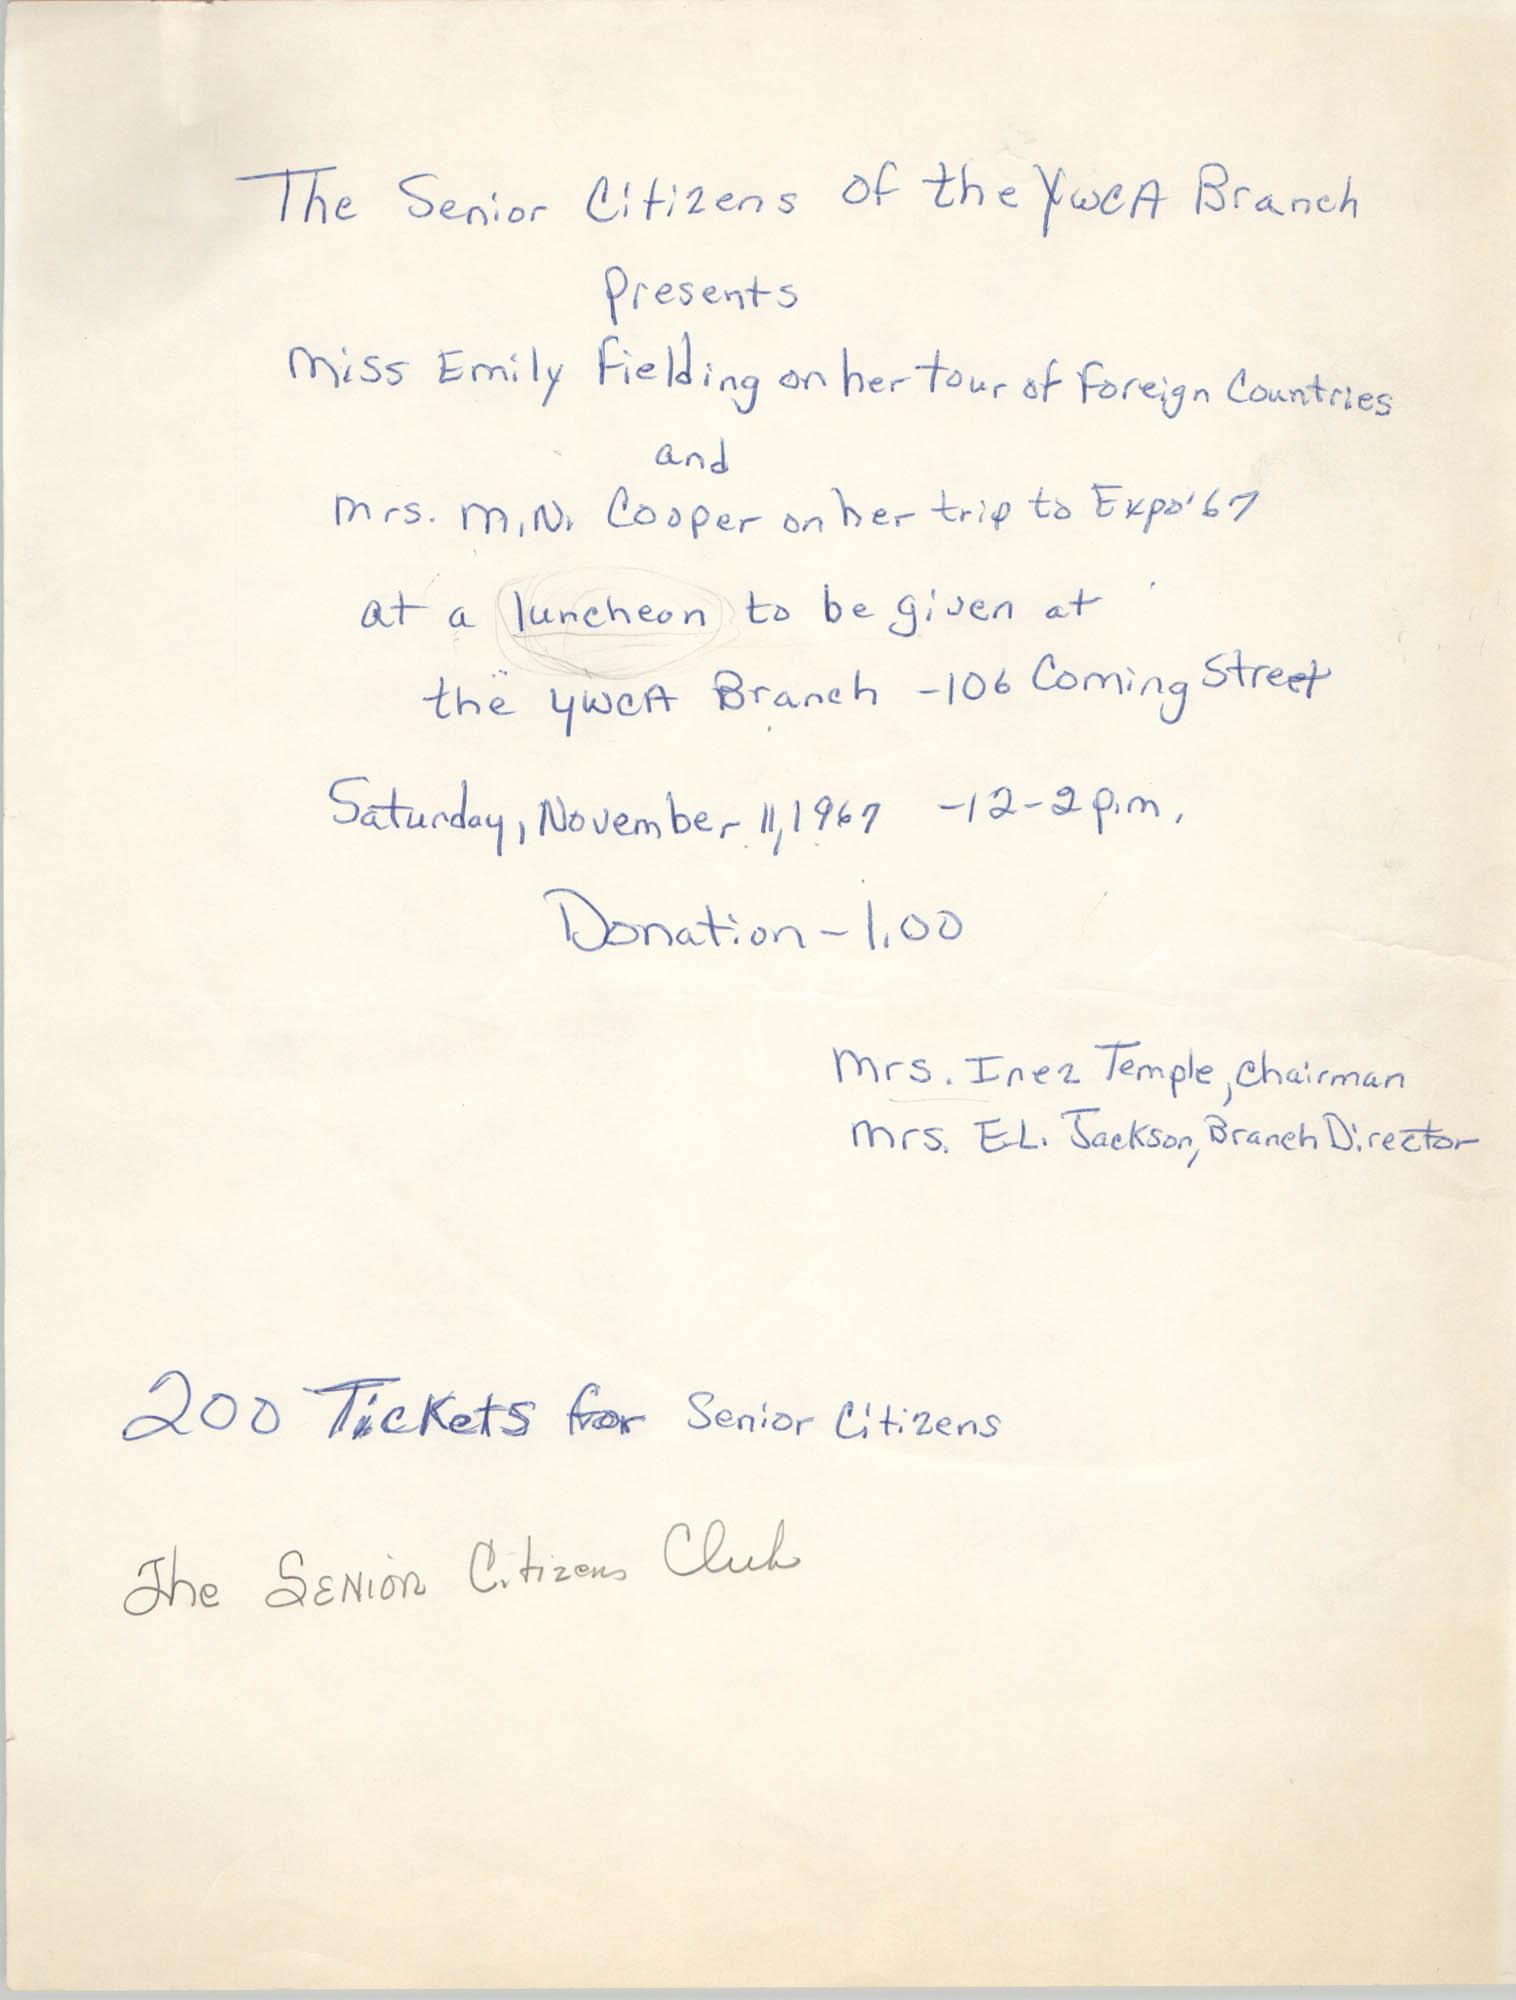 Flyer, Y.W.C.A. Senior Citizen's Club Luncheon, Coming Street Y.W.C.A., November 11, 1967